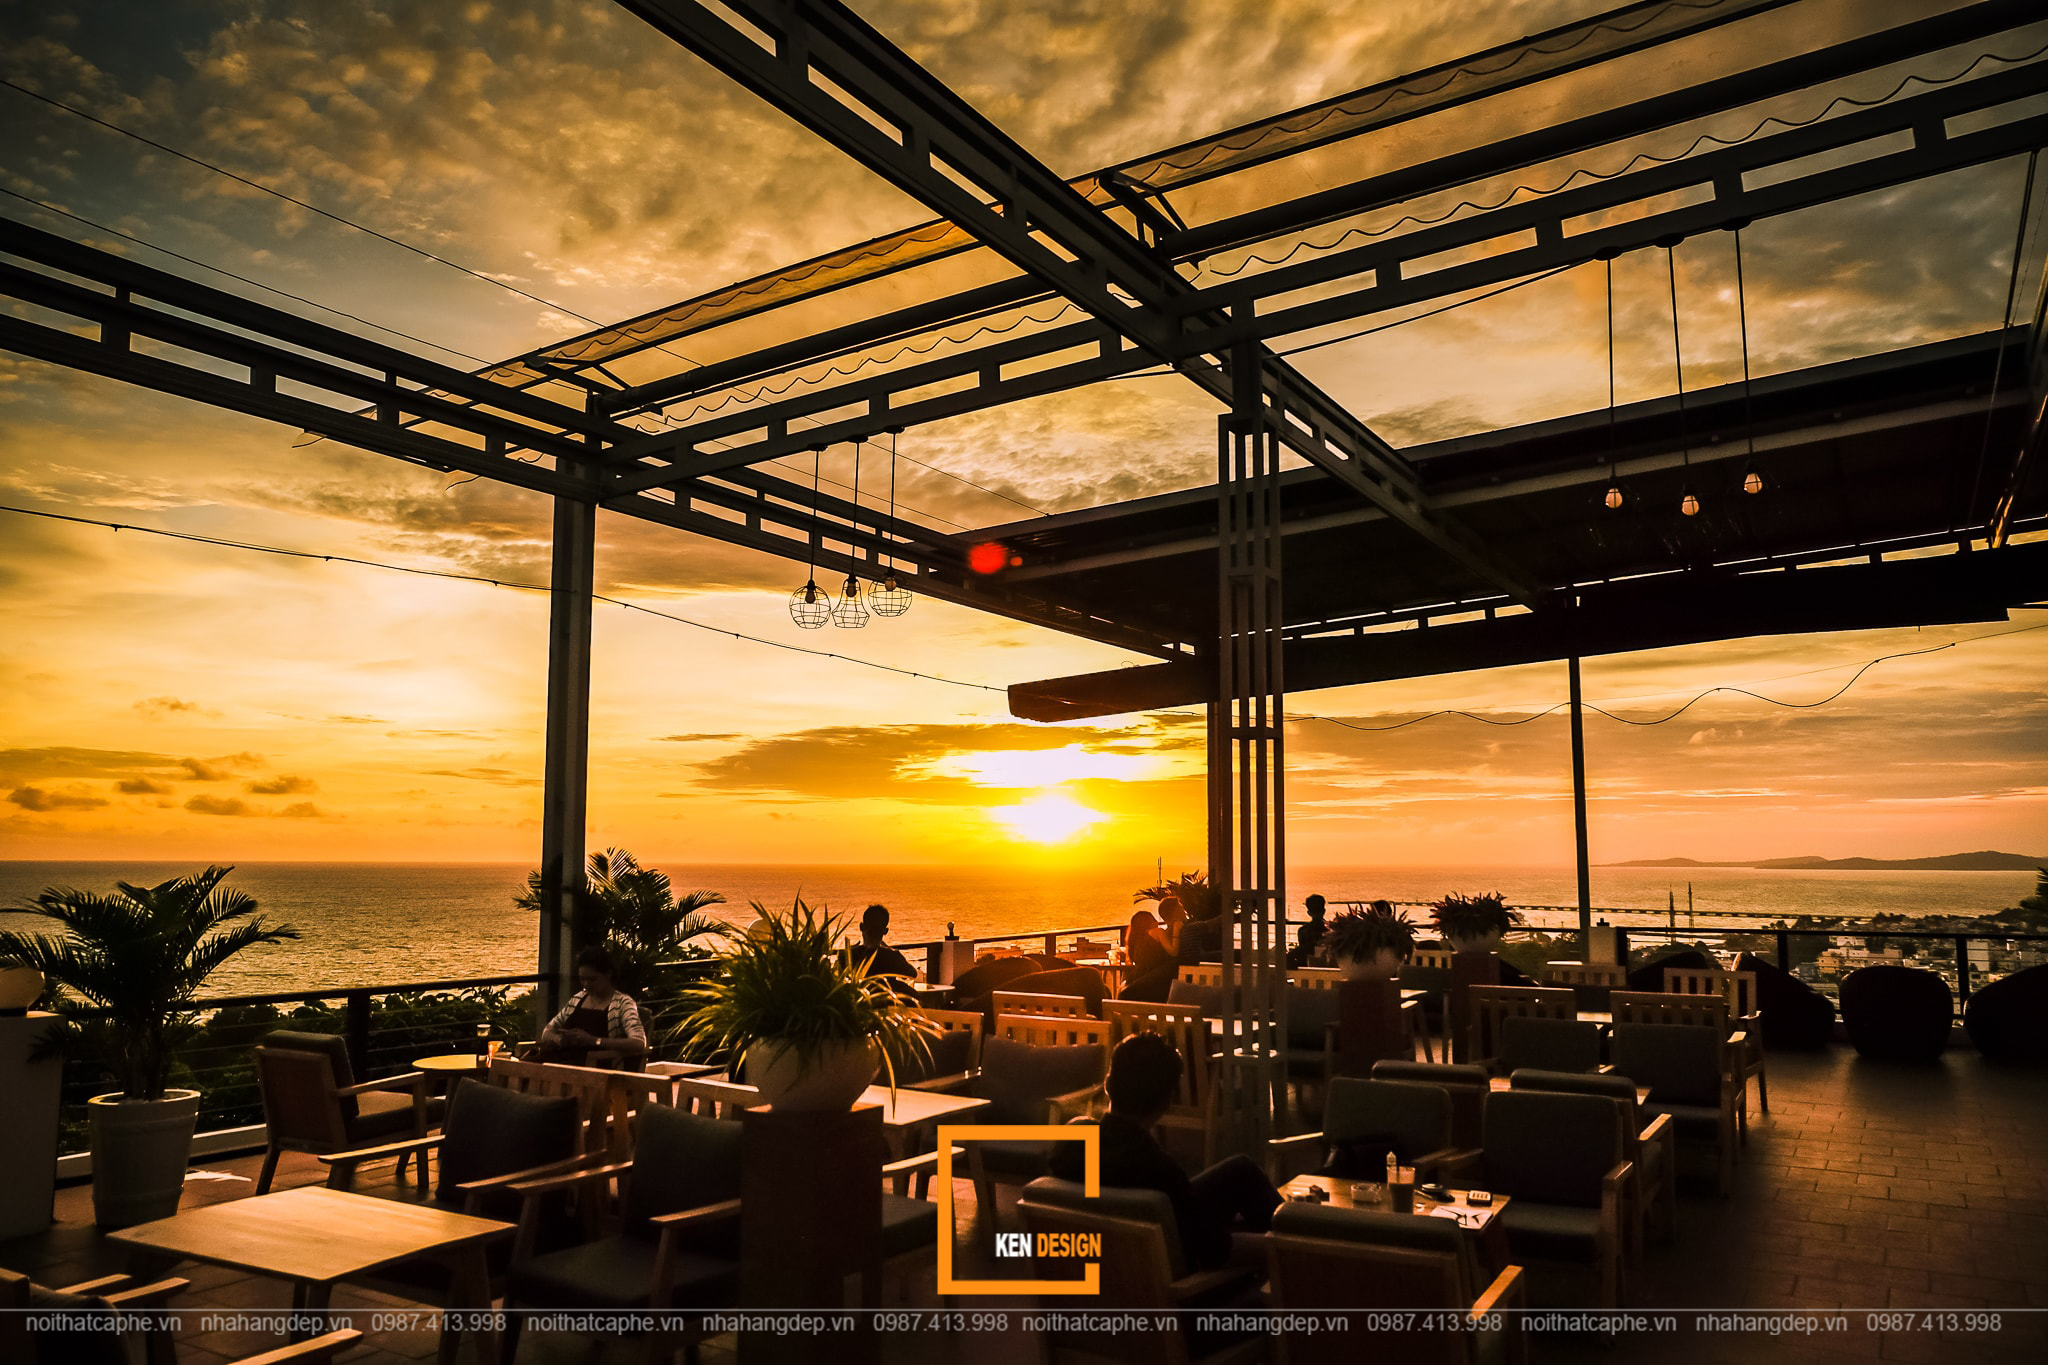 quán cà phê ven biển tận dụng tối đa ánh sáng tự nhiên